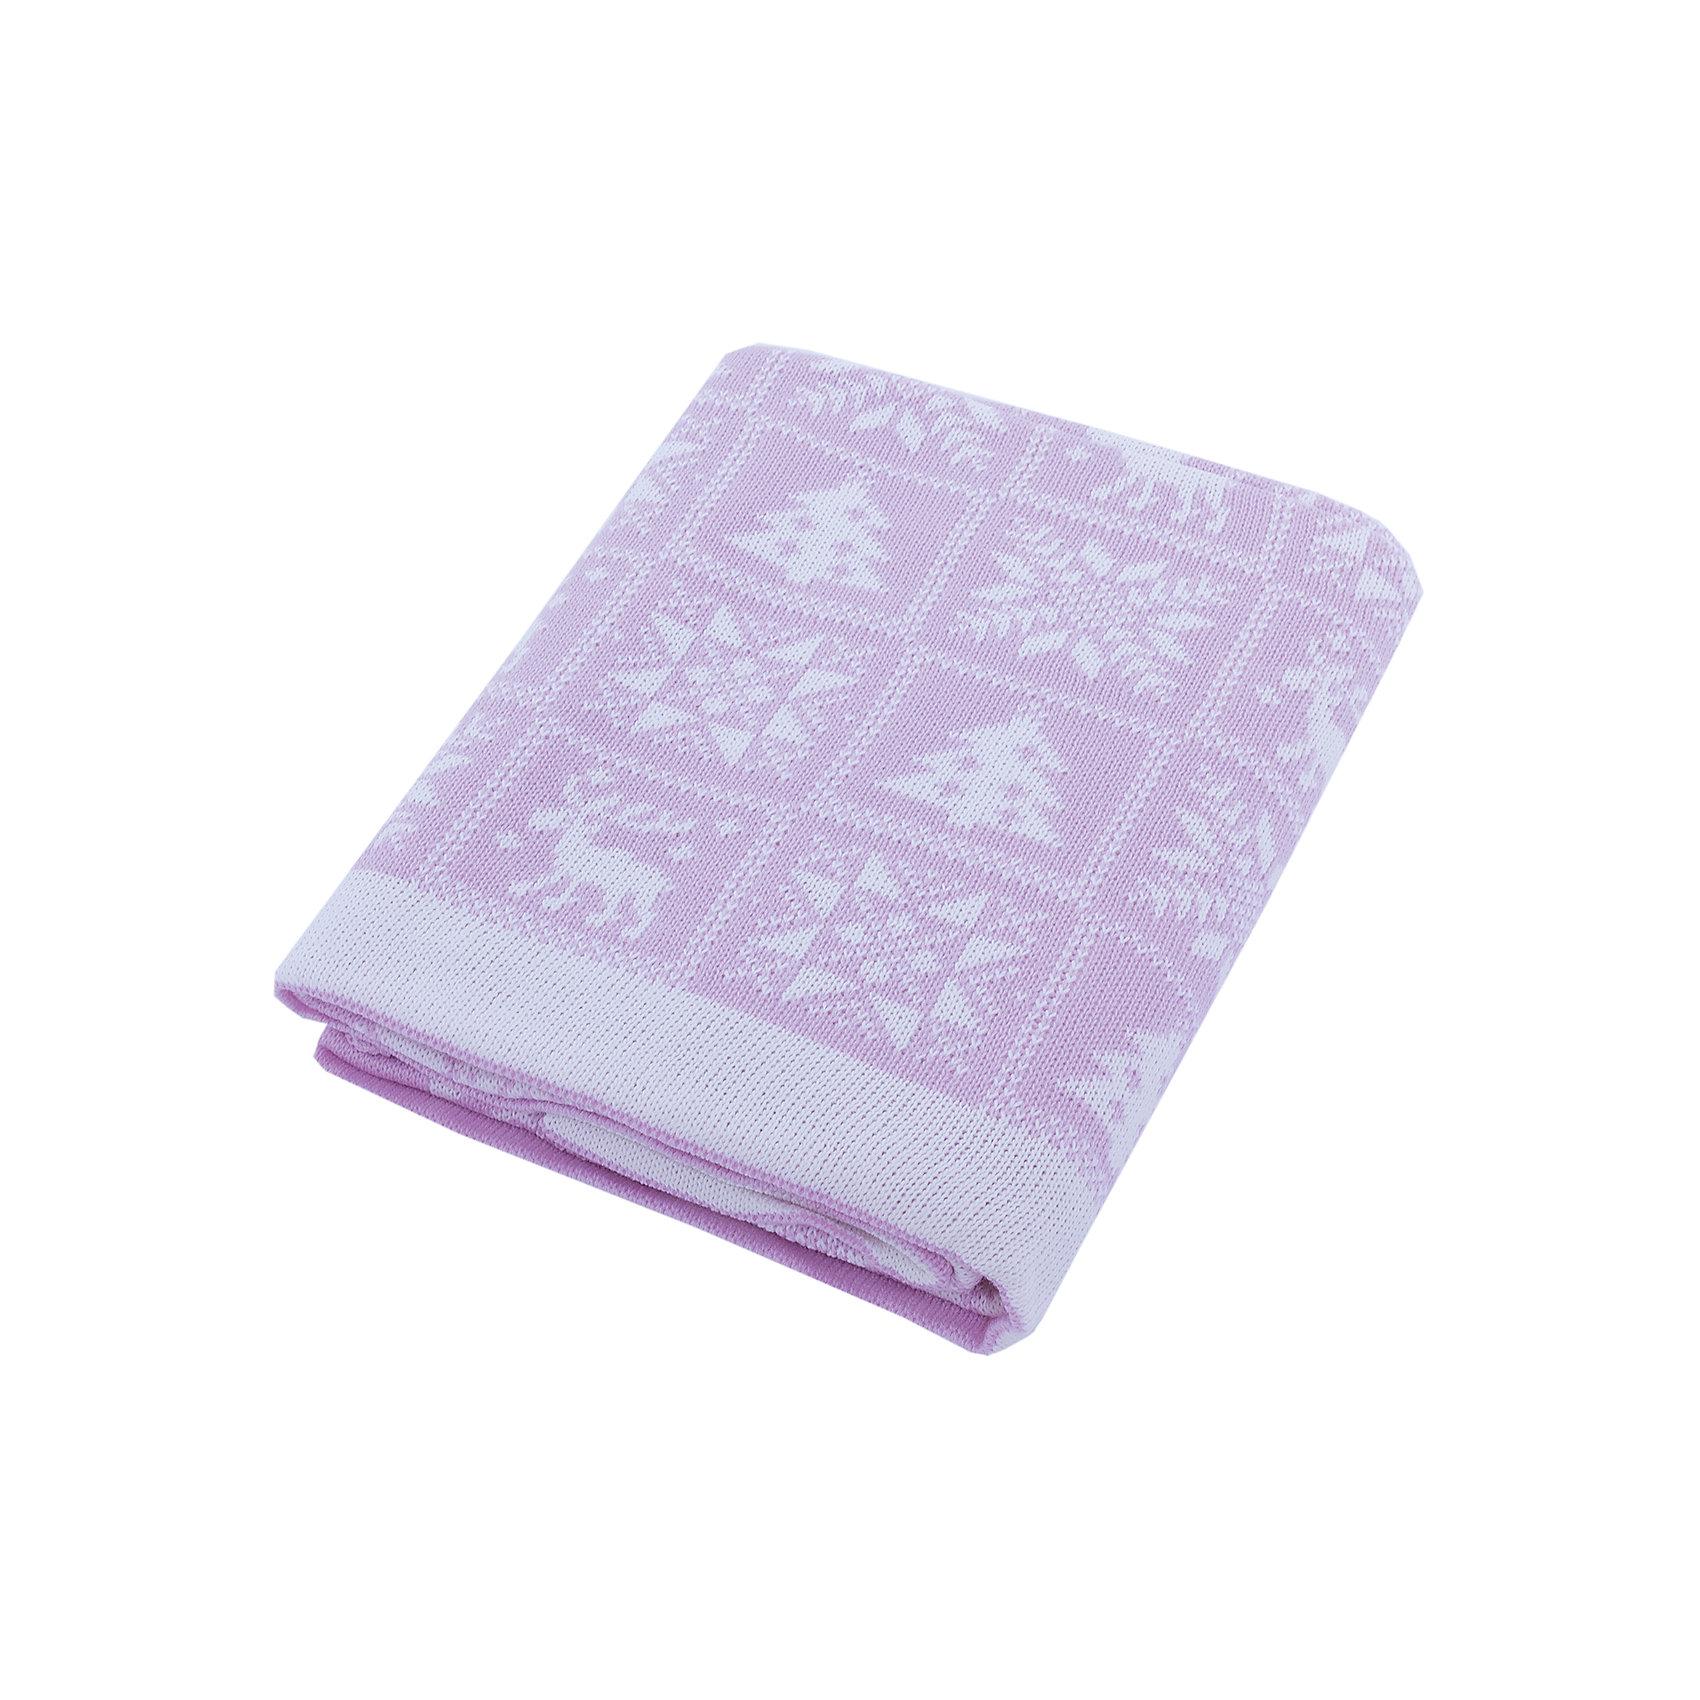 Плед Рождество Уси-ПусиПледы и одеяла<br>Характеристики товара:<br><br>• цвет: розовый;<br>• ткань: вязаная;<br>• состав ткани: 50% шерсть, 50% пан;<br>• размер : 110х140 см;<br>• особенности модели: вязаная, с рисунком;<br>• сезон: демисезон;<br>• страна бренда: Россия;<br>• страна изготовитель: Россия.<br> <br>Полушерстяной вязанный плед «Рождество» будет прекрасным дополнением в гардеробе Вашего малыша в любое время года. <br><br>Ровная машинная вязка с рождественским детским рисунком напомнит лучшие детские мгновения, порадует Вас и малыша теплотой и простотой по уходу за изделием. Пледом можно прикрыть спящего малыша дома, на улице или в машине. <br><br>Вязанный плед «Рождество»  Уси-Пуси можно купить в нашем интернет-магазине.<br><br>Ширина мм: 37<br>Глубина мм: 4<br>Высота мм: 25<br>Вес г: 430<br>Цвет: розовый<br>Возраст от месяцев: 0<br>Возраст до месяцев: 24<br>Пол: Унисекс<br>Возраст: Детский<br>Размер: one size<br>SKU: 7029562